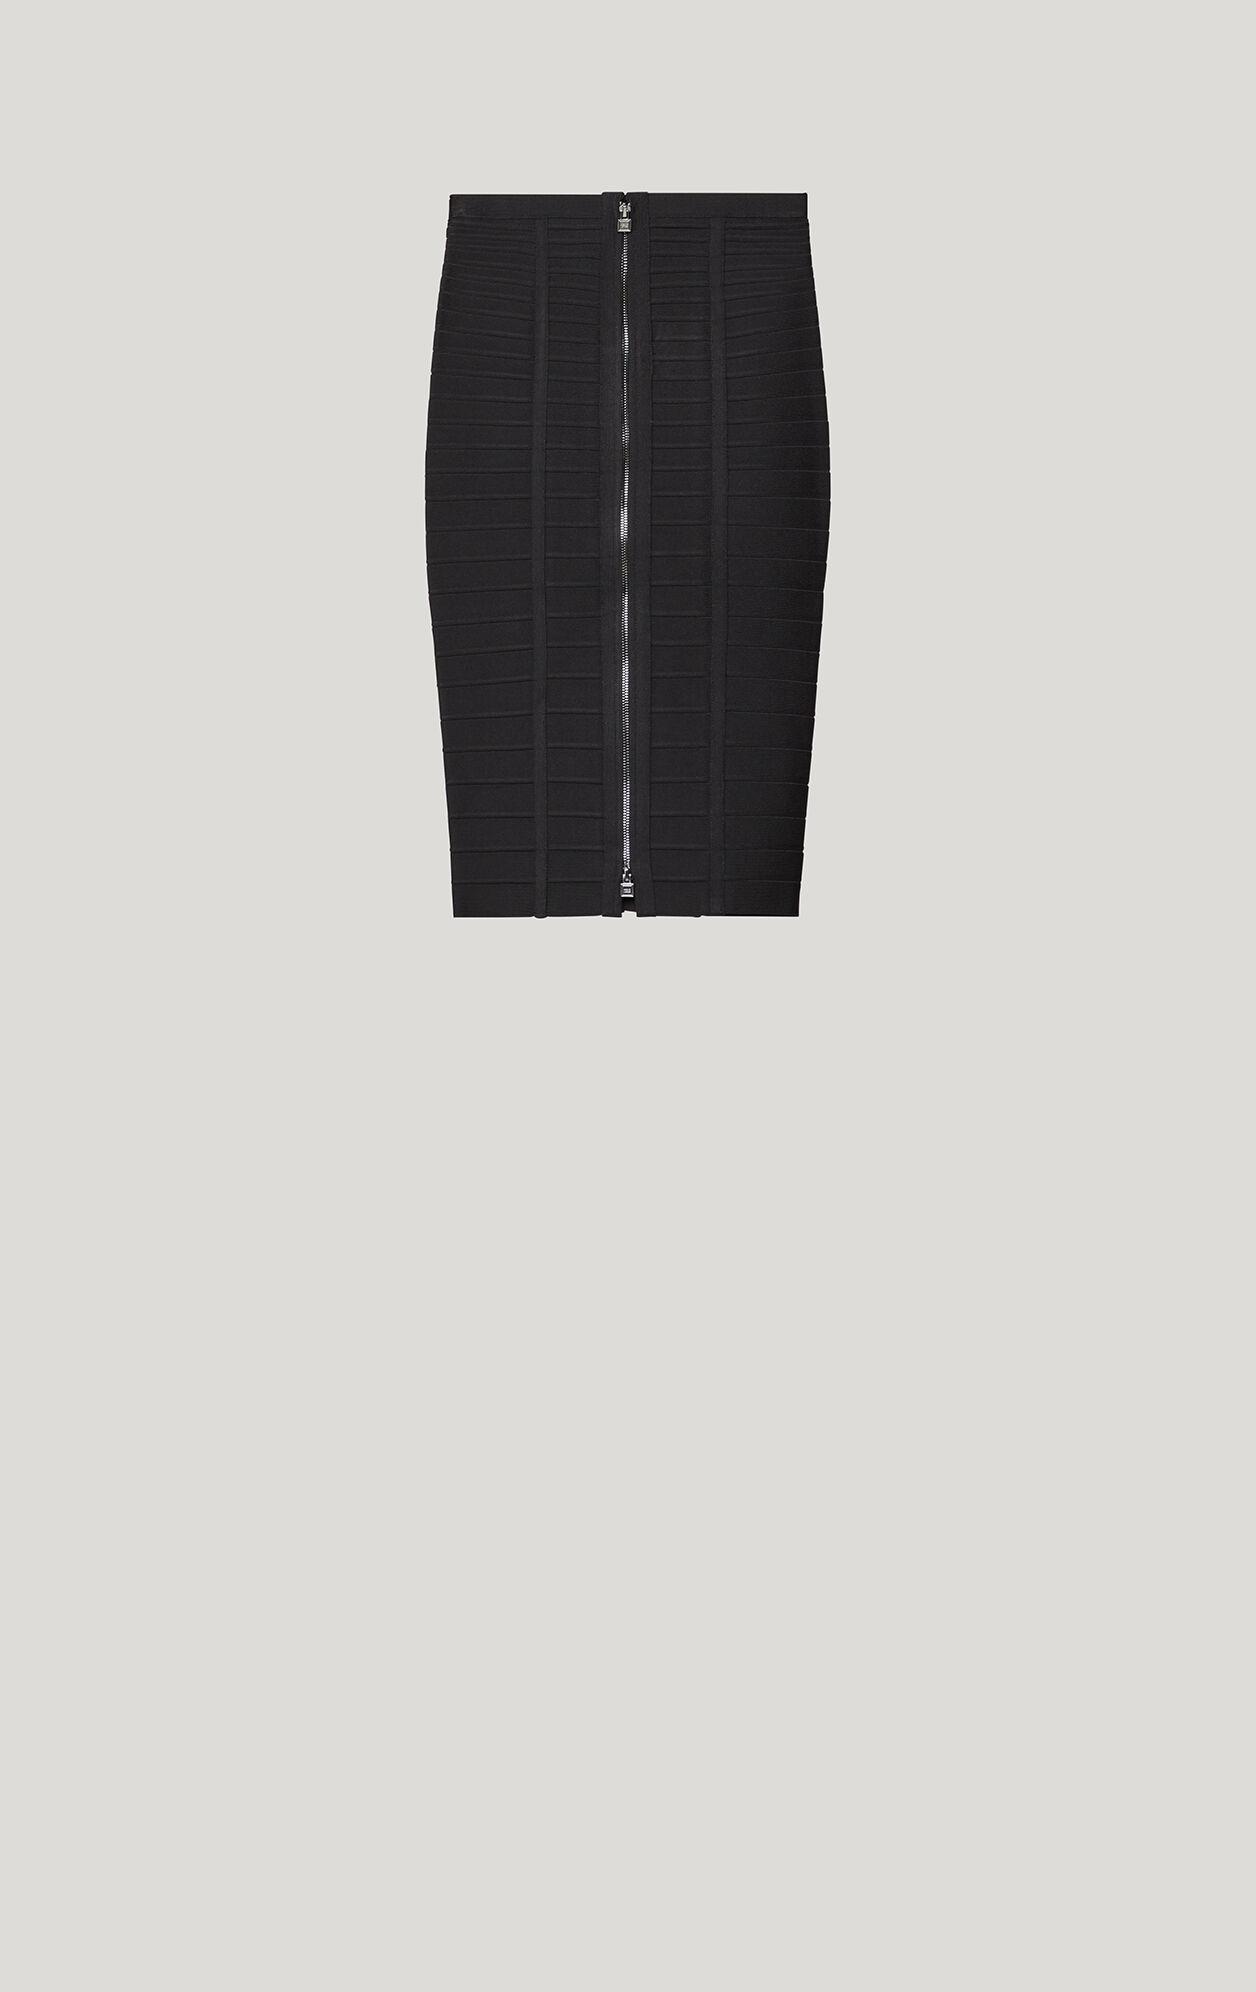 Sia Signature Essentials Bandage Skirt